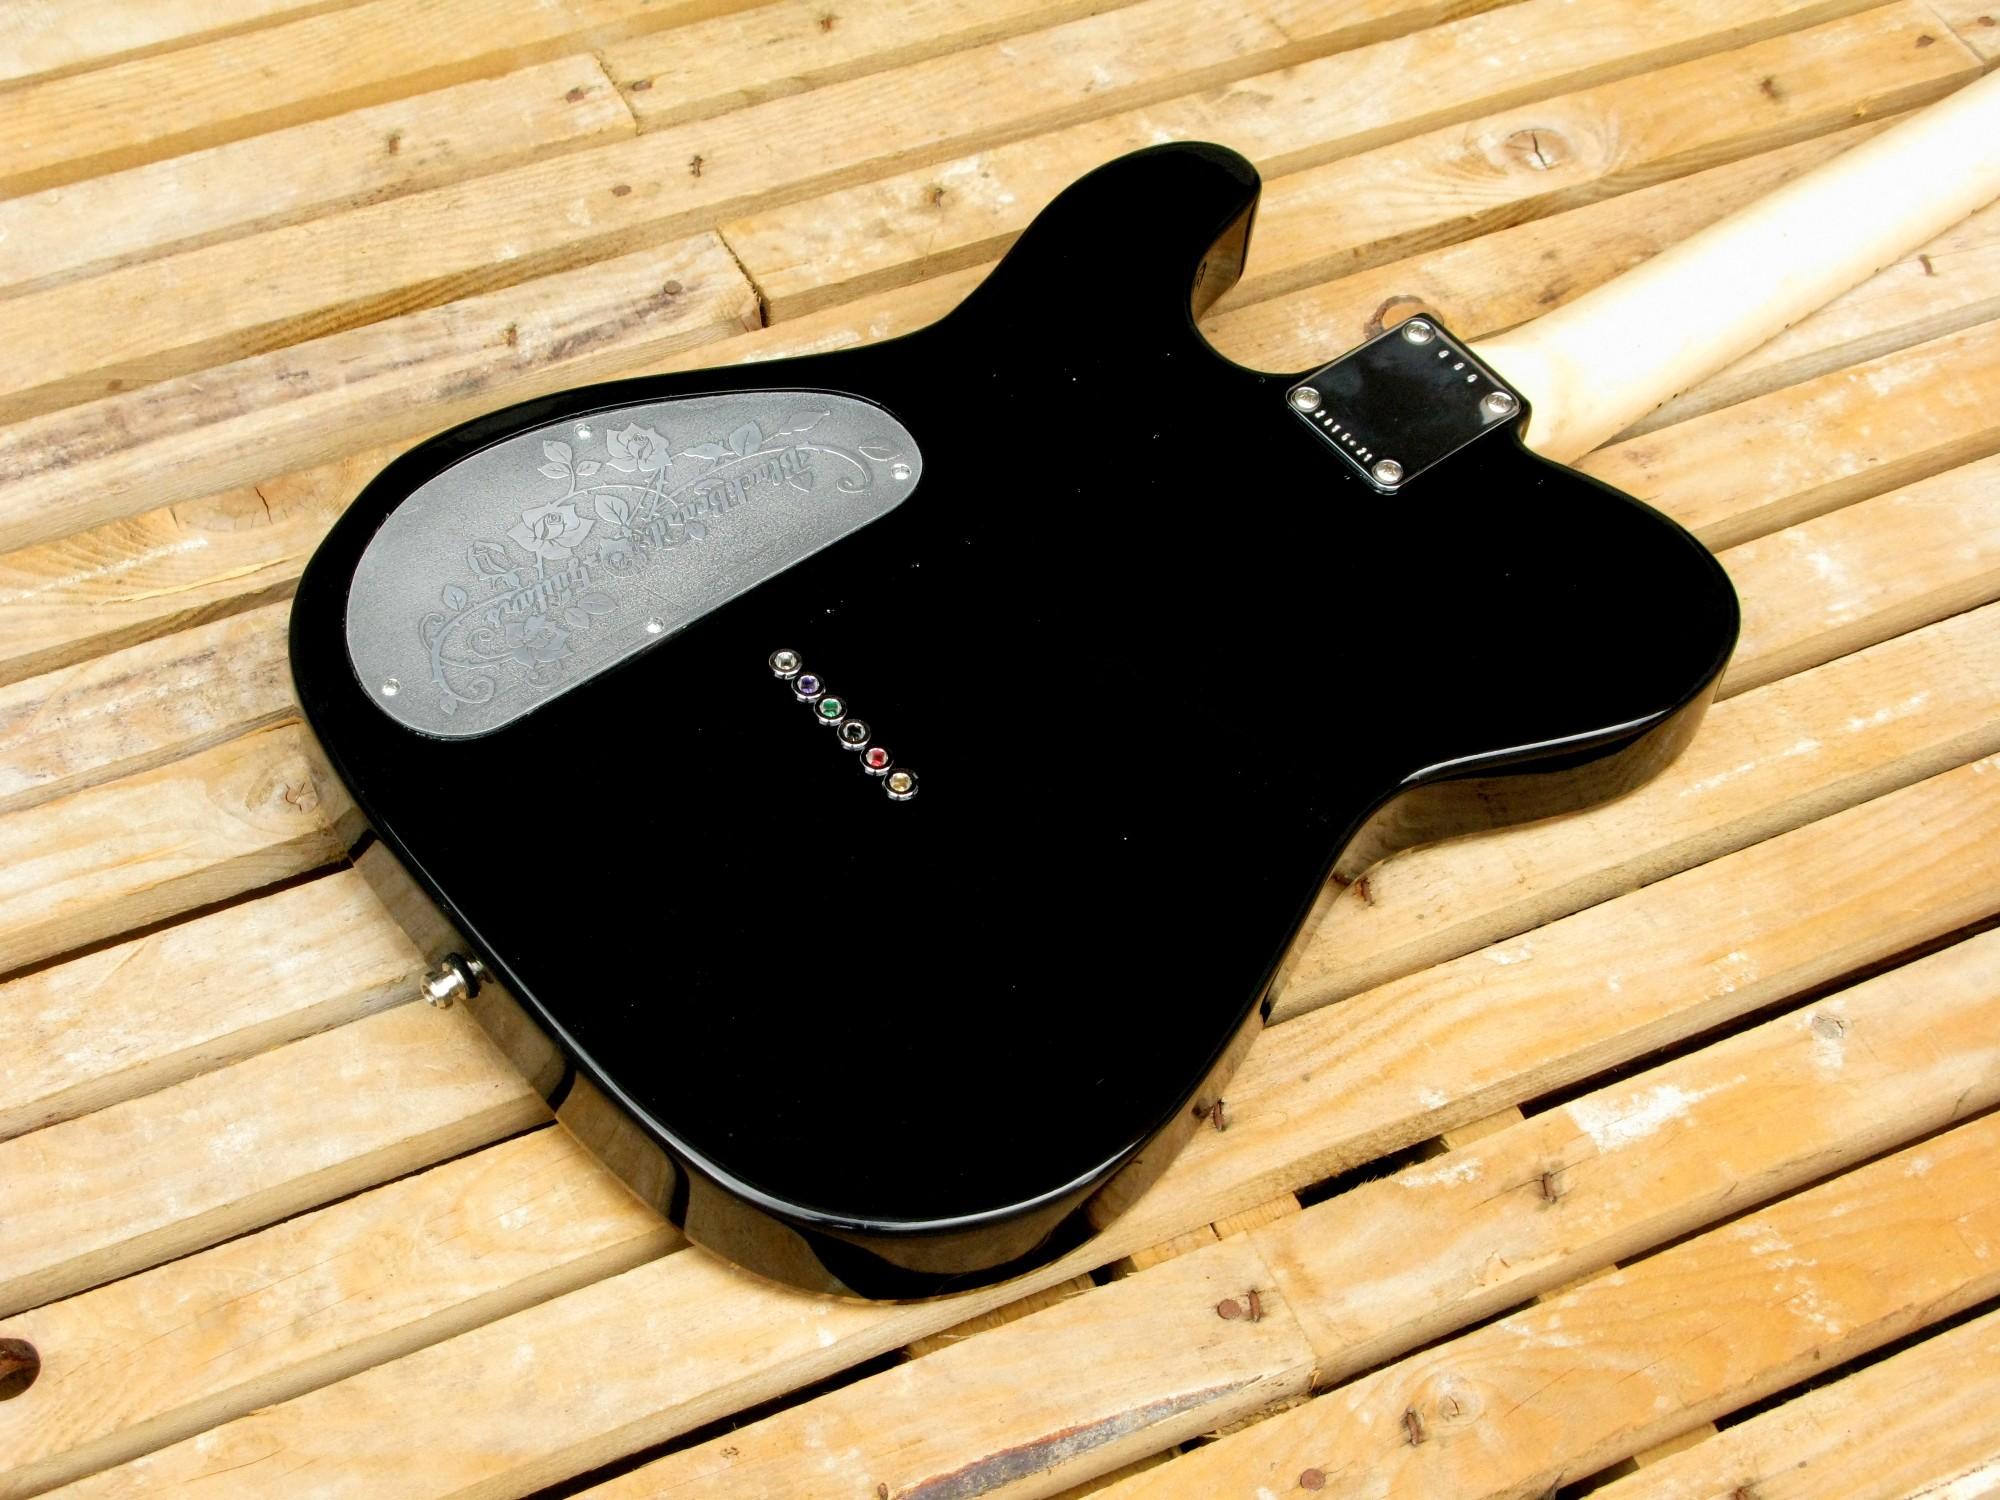 Retro del body in pioppo di una chitarra elettrica Telecaster con manico in acero